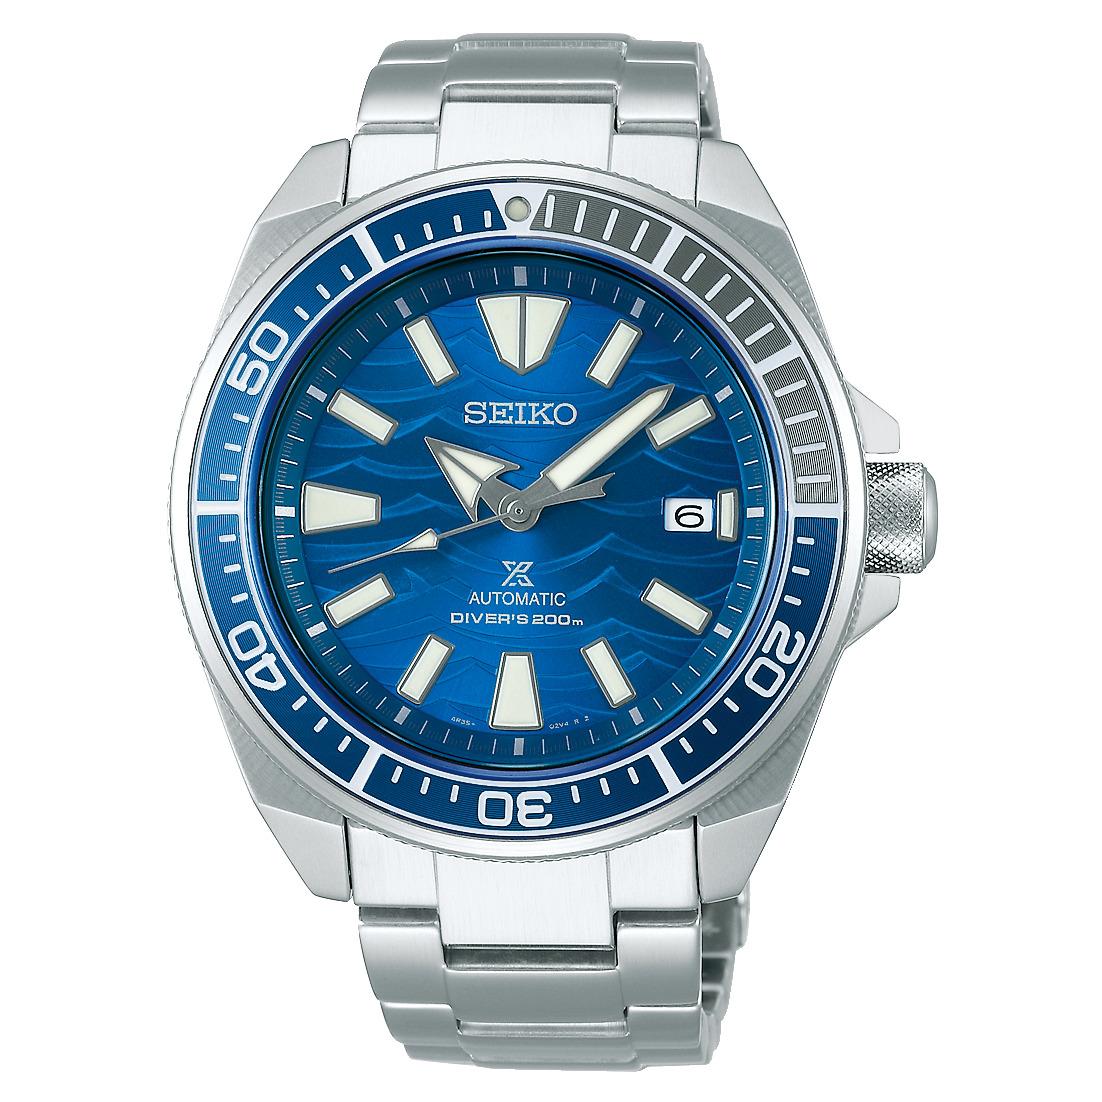 プロスペックス PROSPEX セイコー SEIKO SBDY029 セーブ・ジ・オーシャン スペシャルエディション 正規品 腕時計